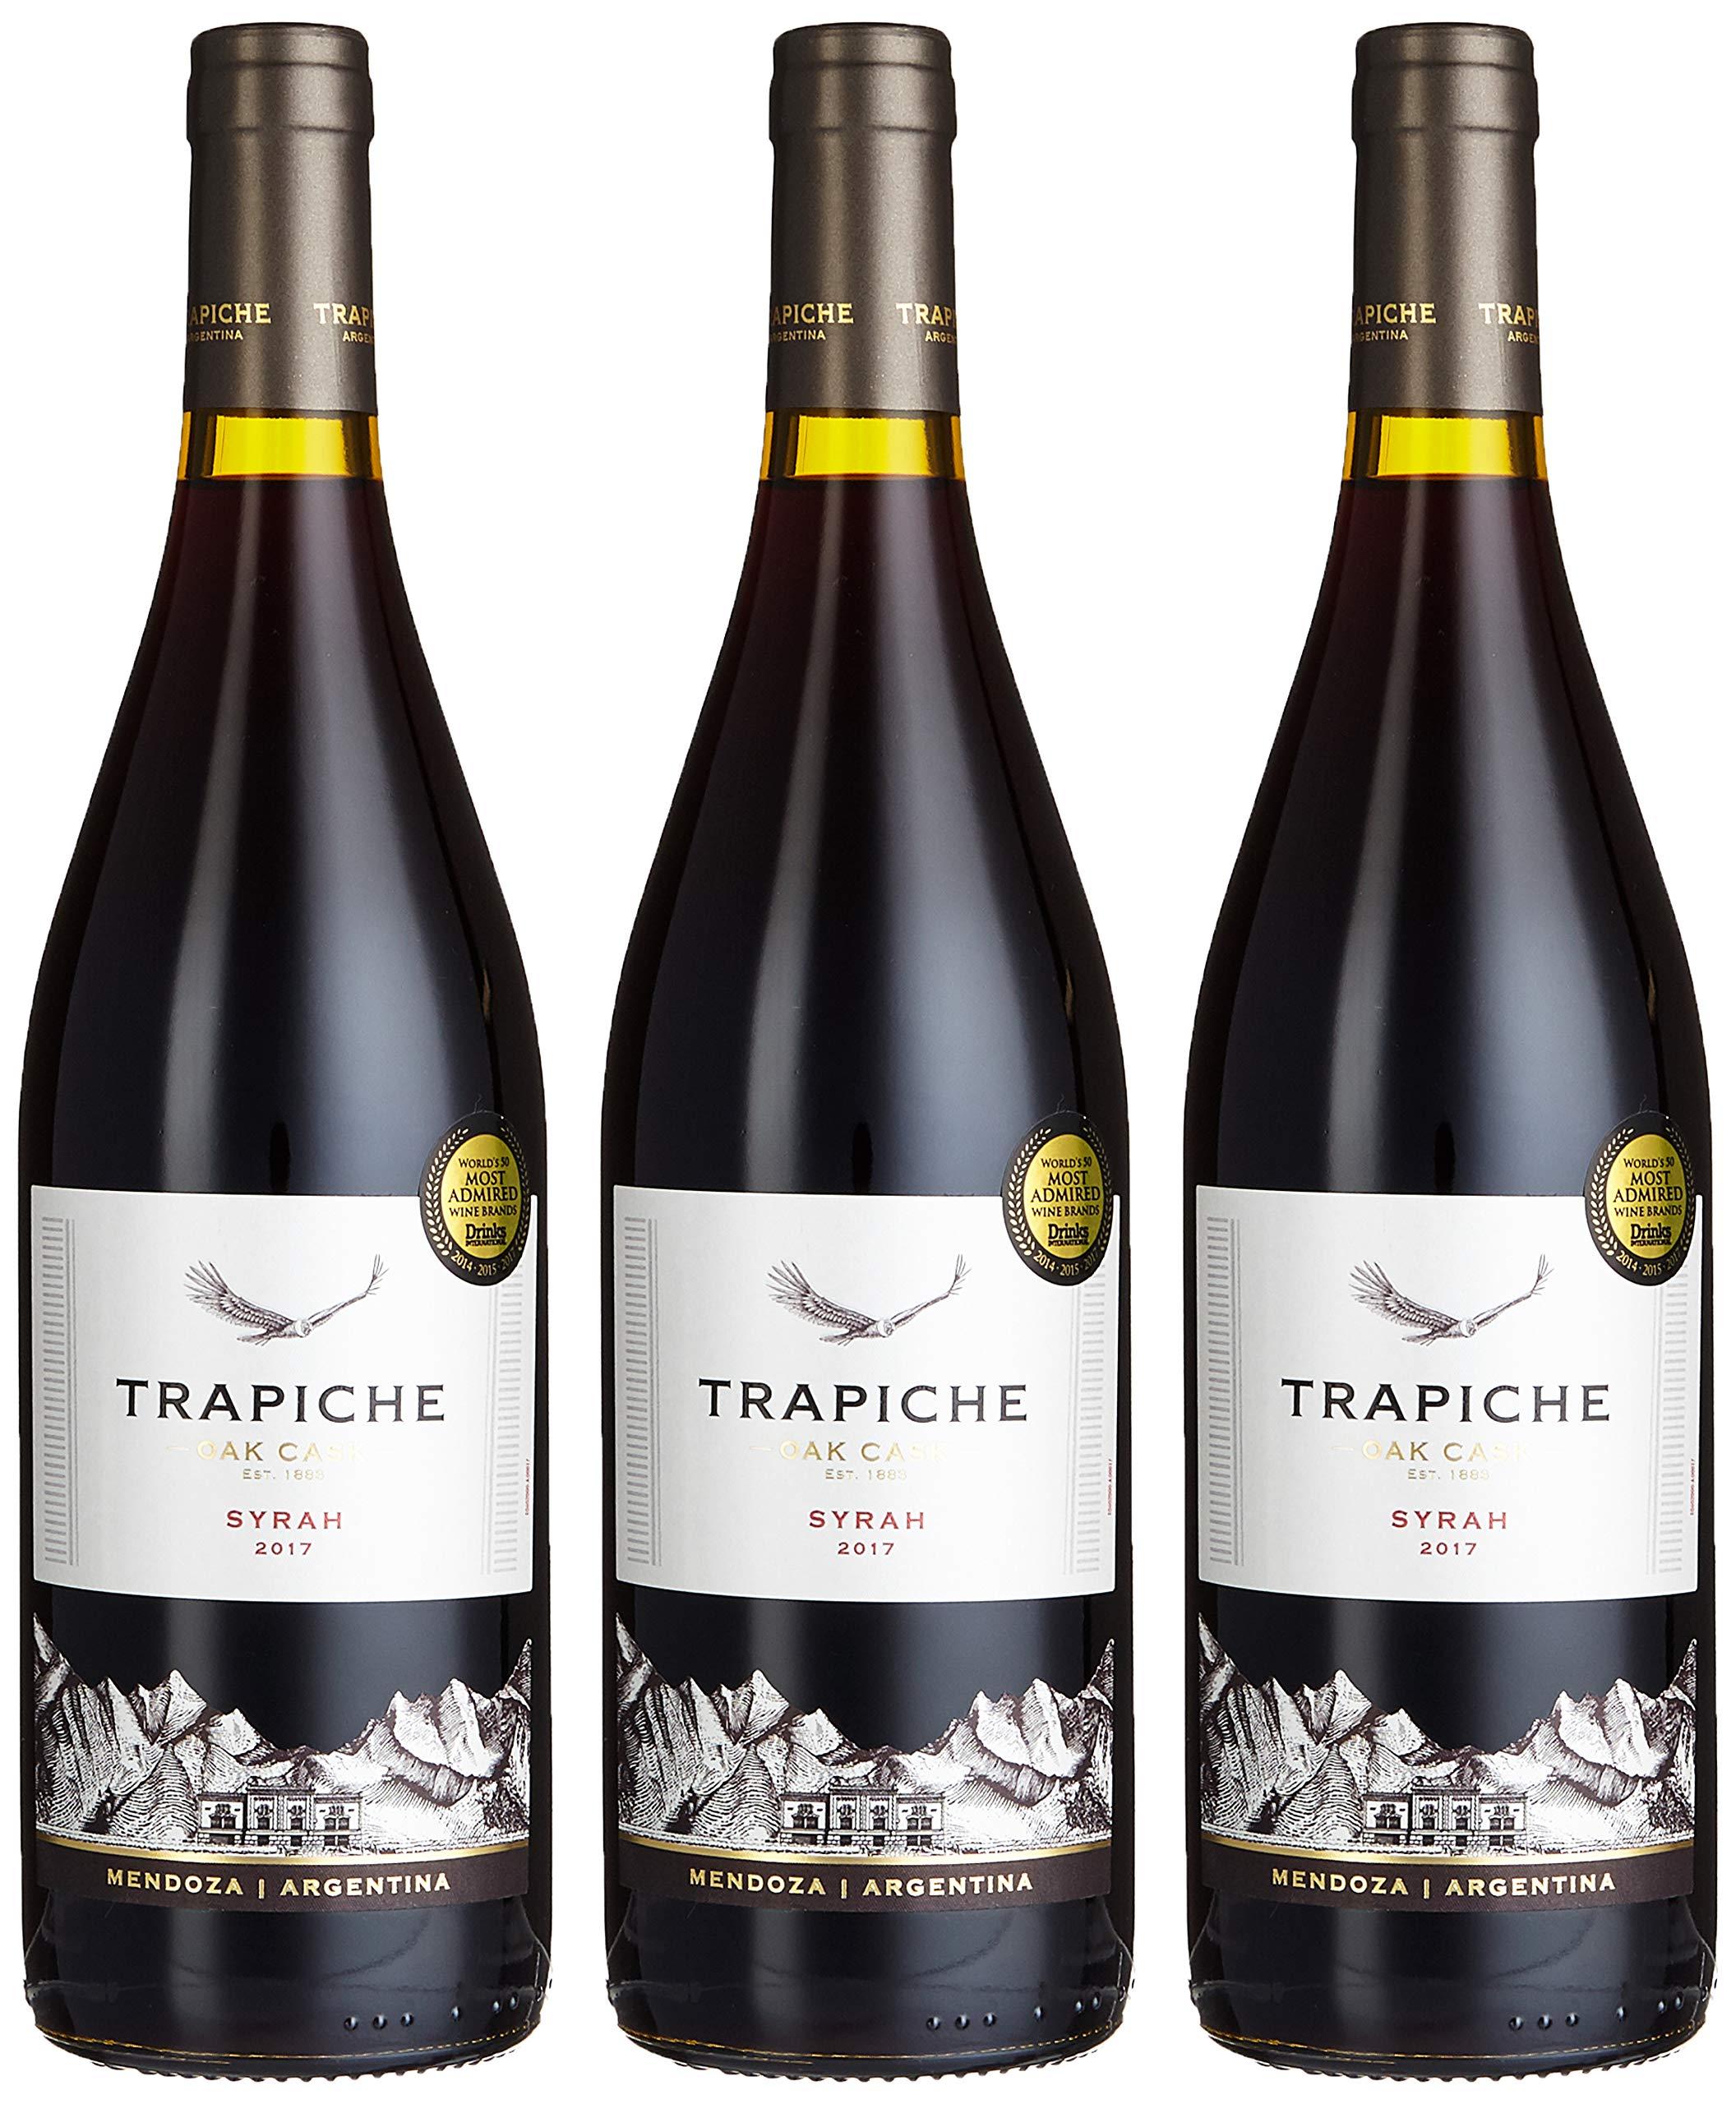 Bodegas-Trapiche-Oak-Cask-Syrah-2014-Trocken-3-x-075-l